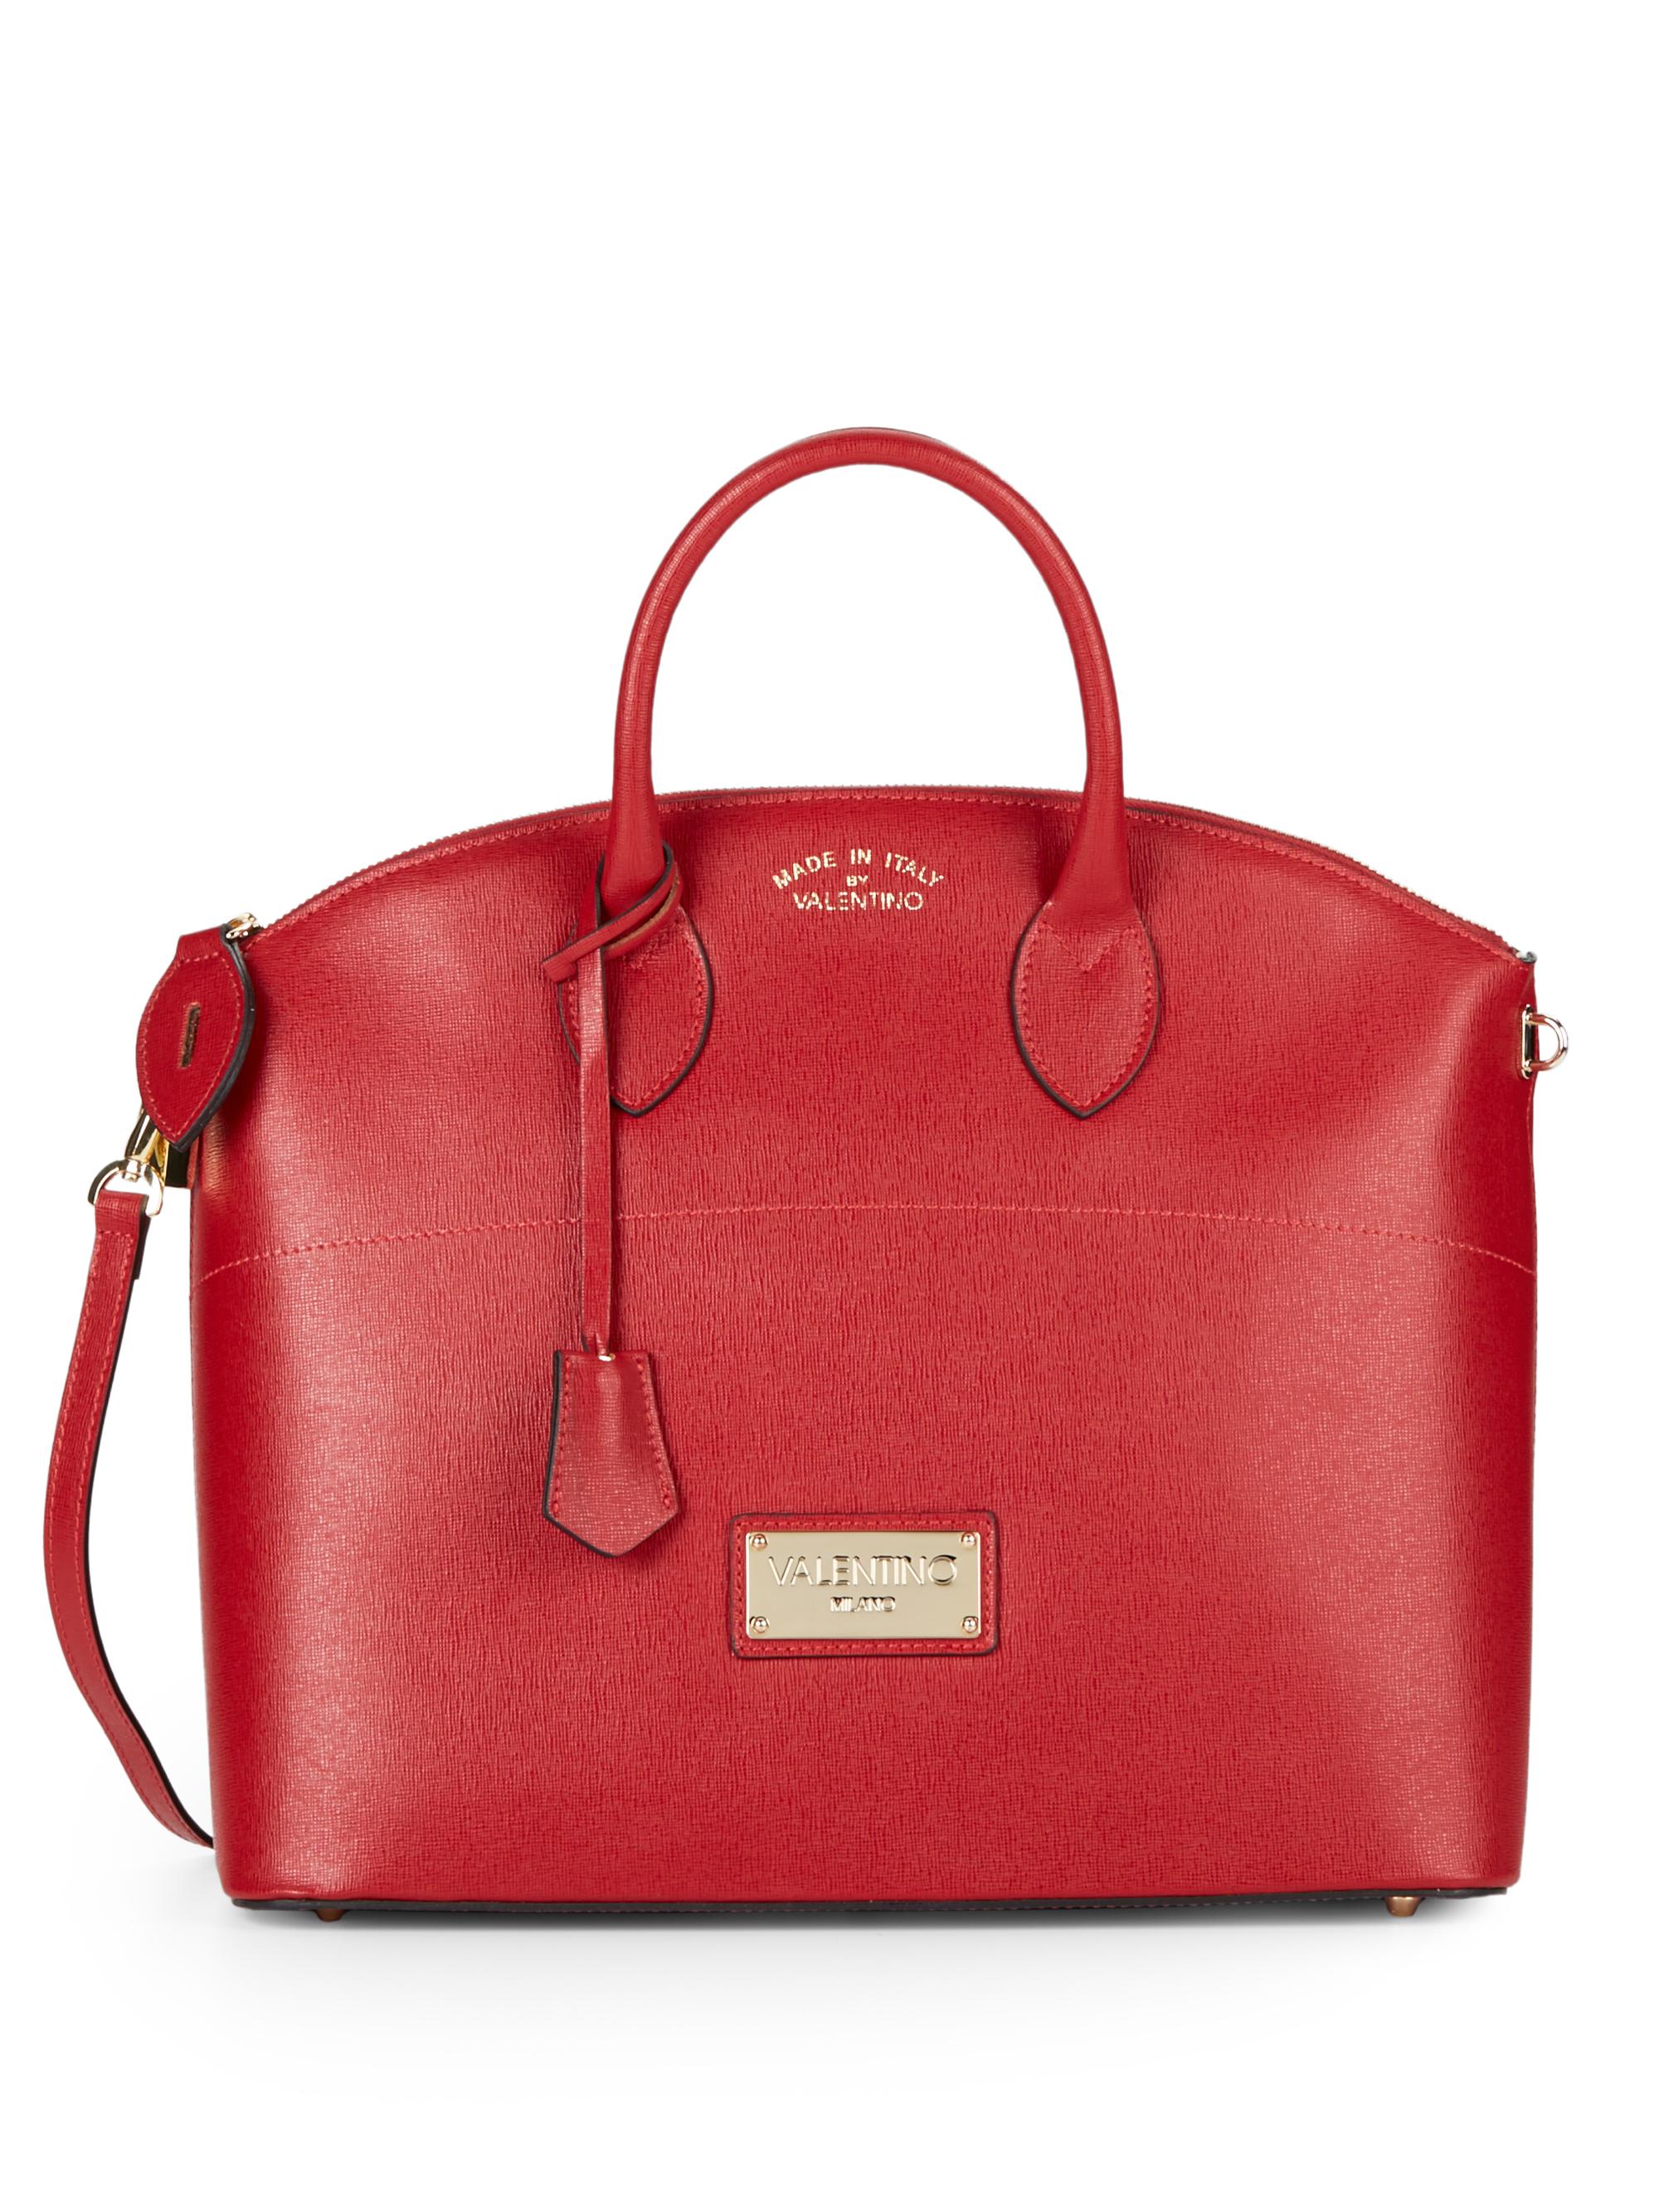 Handbags-014.JPG